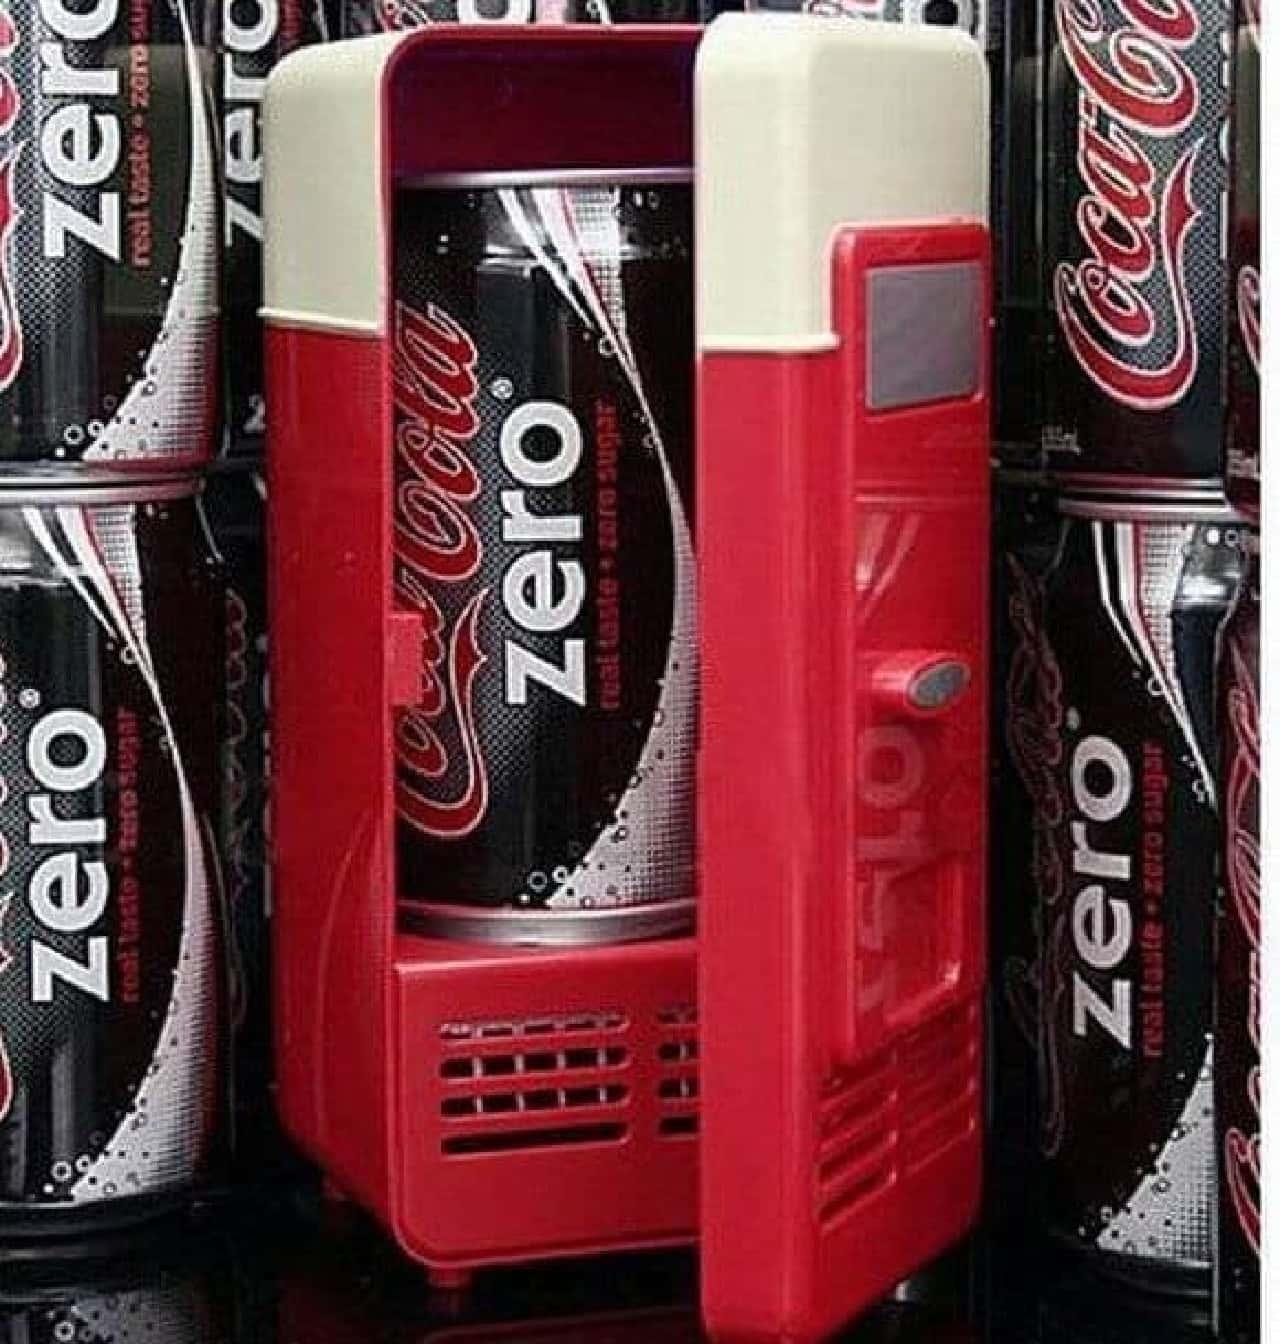 缶飲料を冷やせるUSB冷蔵庫「Mini USB Fridge」